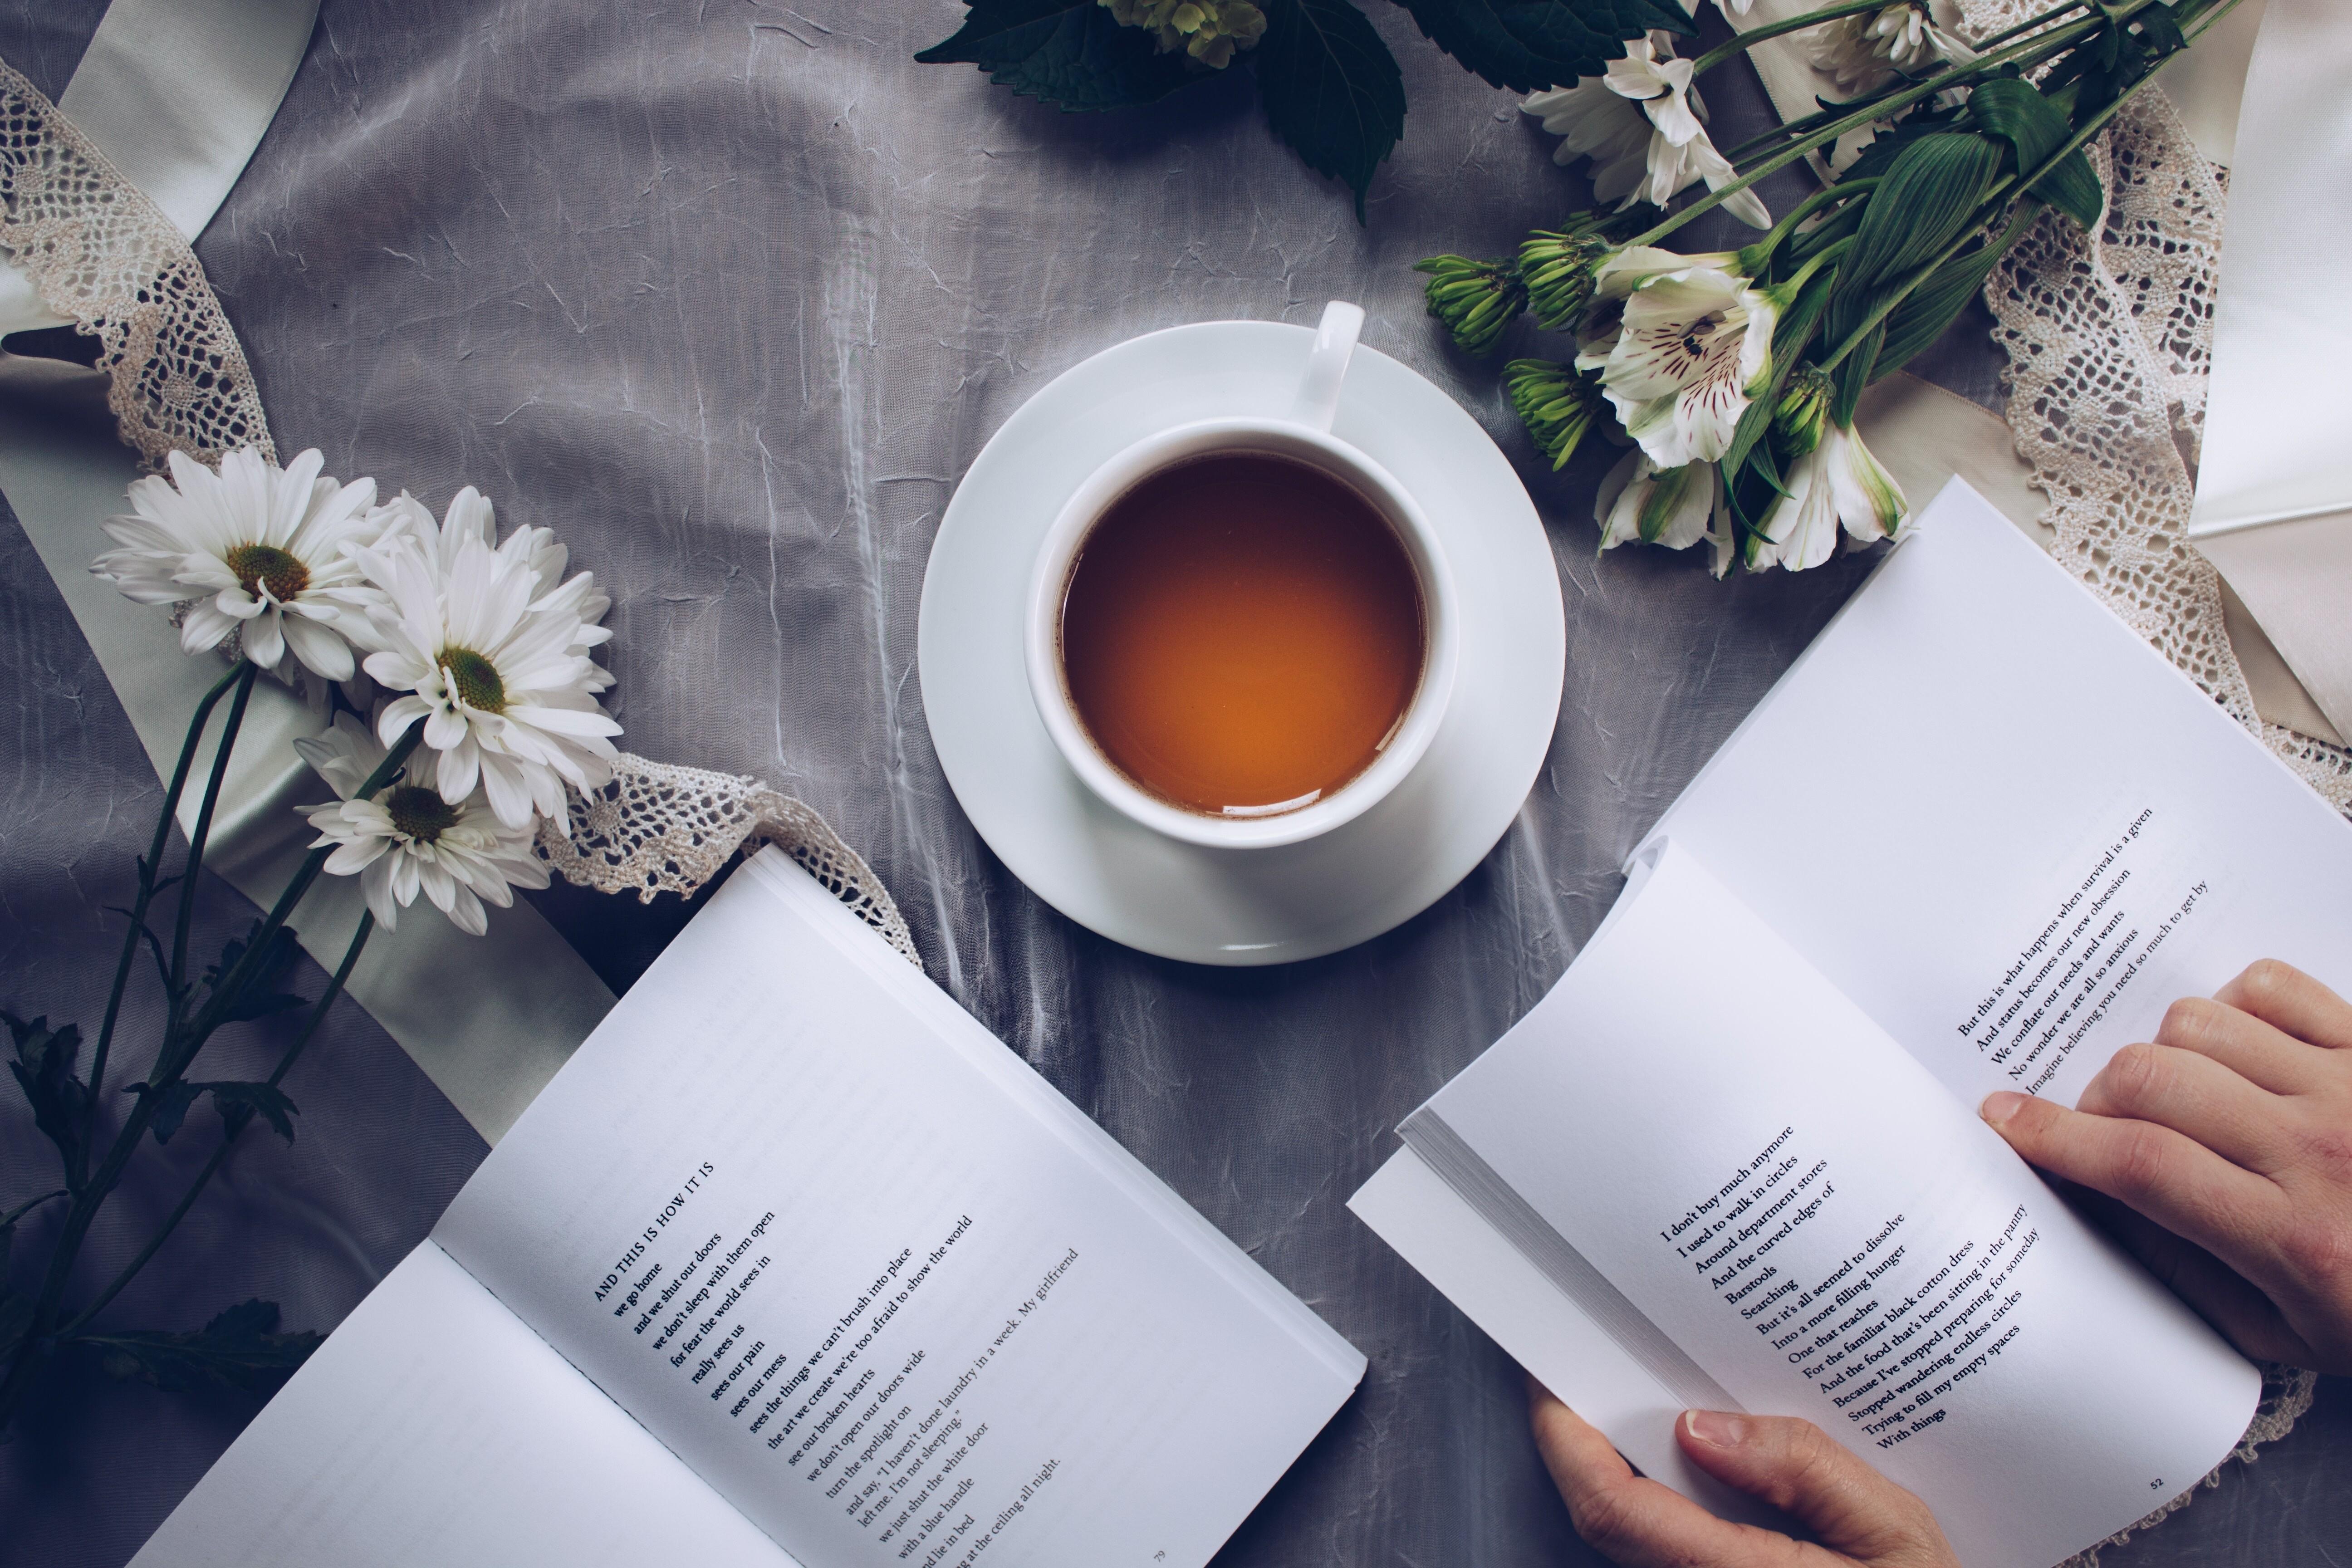 Гадание на чае: простой способ узнать будущее